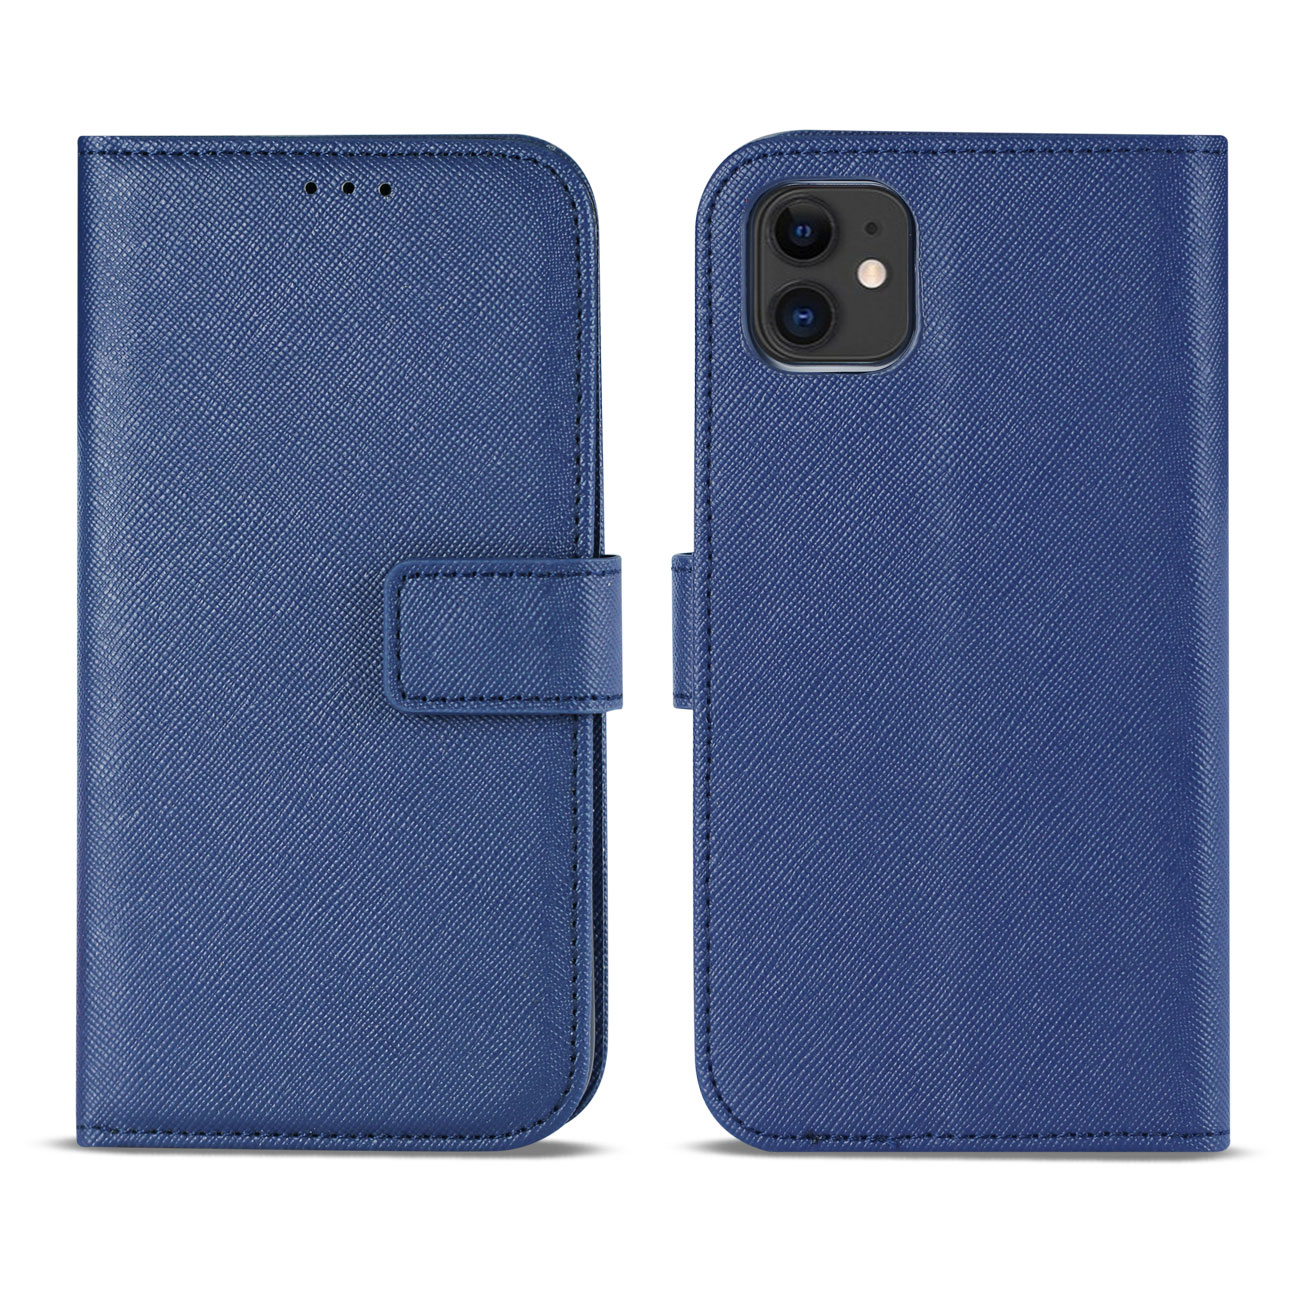 APPLE IPHONE 11 3-In-1 Wallet Case In BLUE